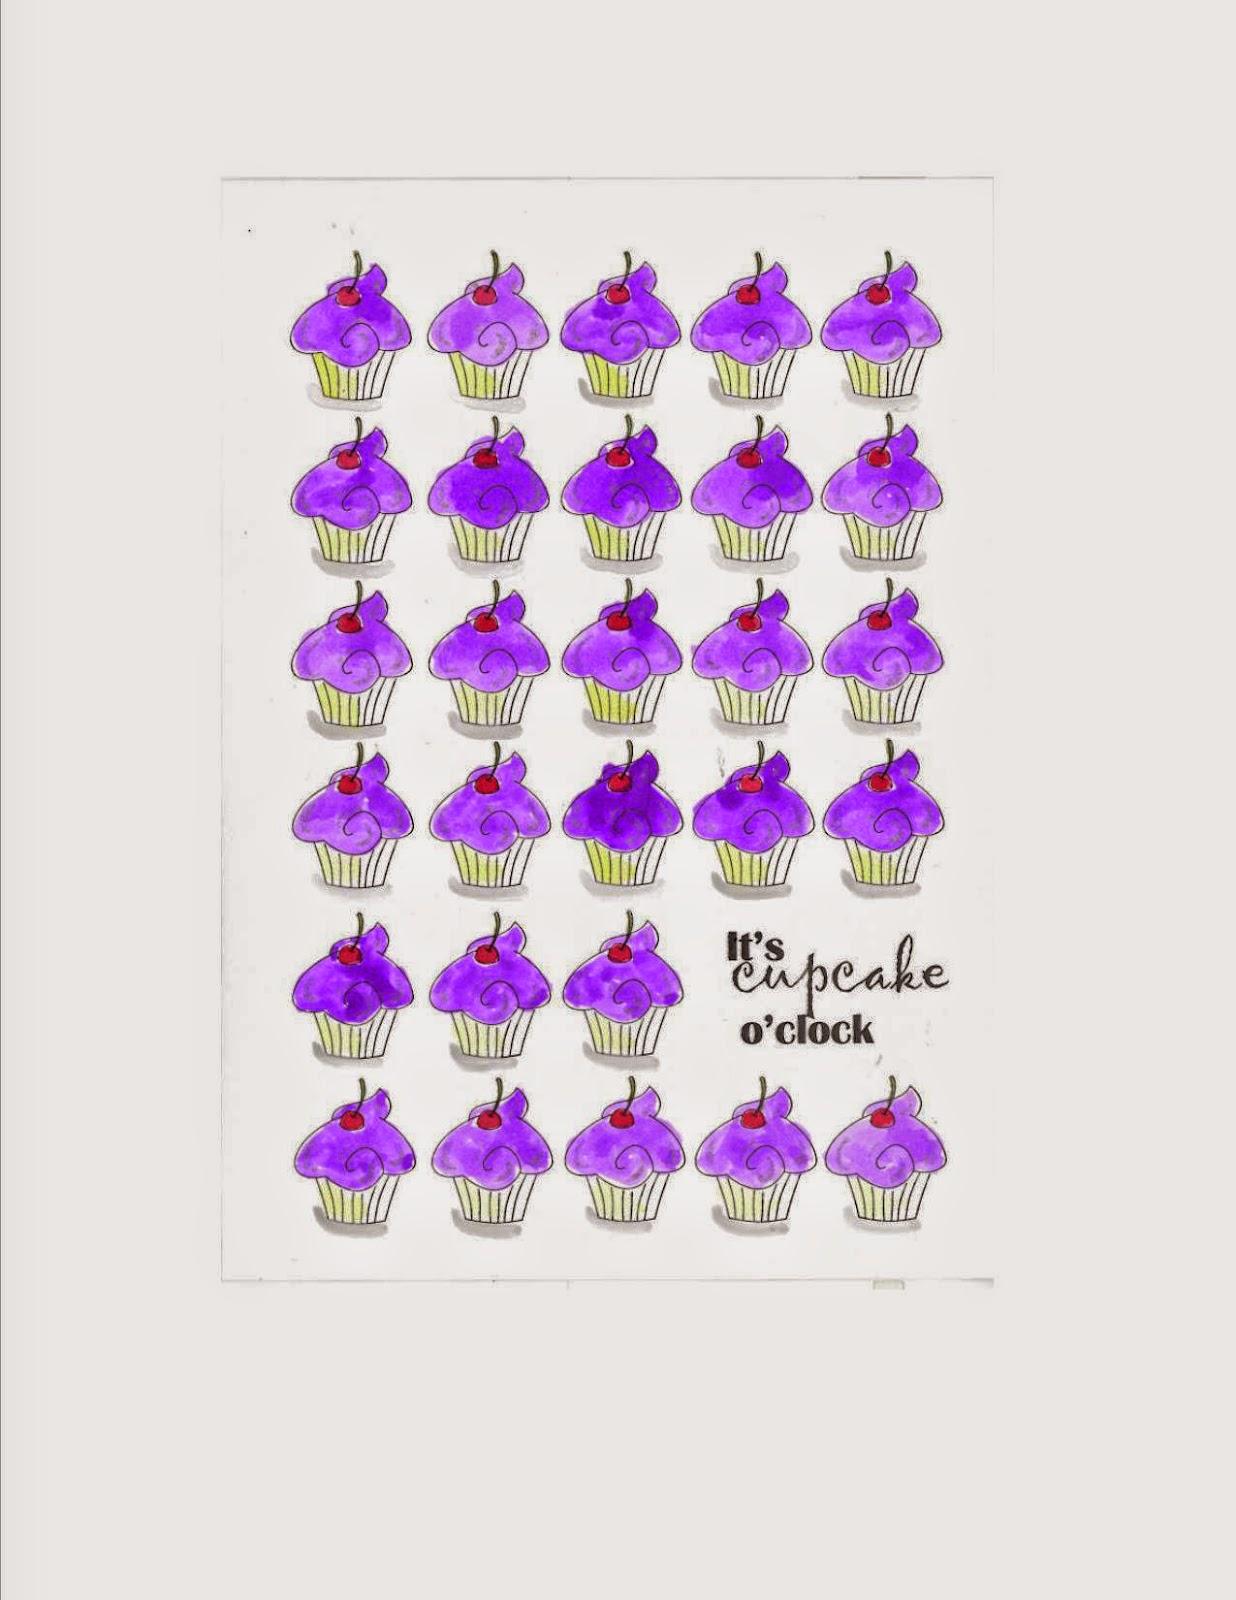 http://1.bp.blogspot.com/-d7DiCLoJt4k/U5OeYp2l_6I/AAAAAAAAJsw/CPZZMVHXpHk/s1600/freebie+friday+cupcake.jpg